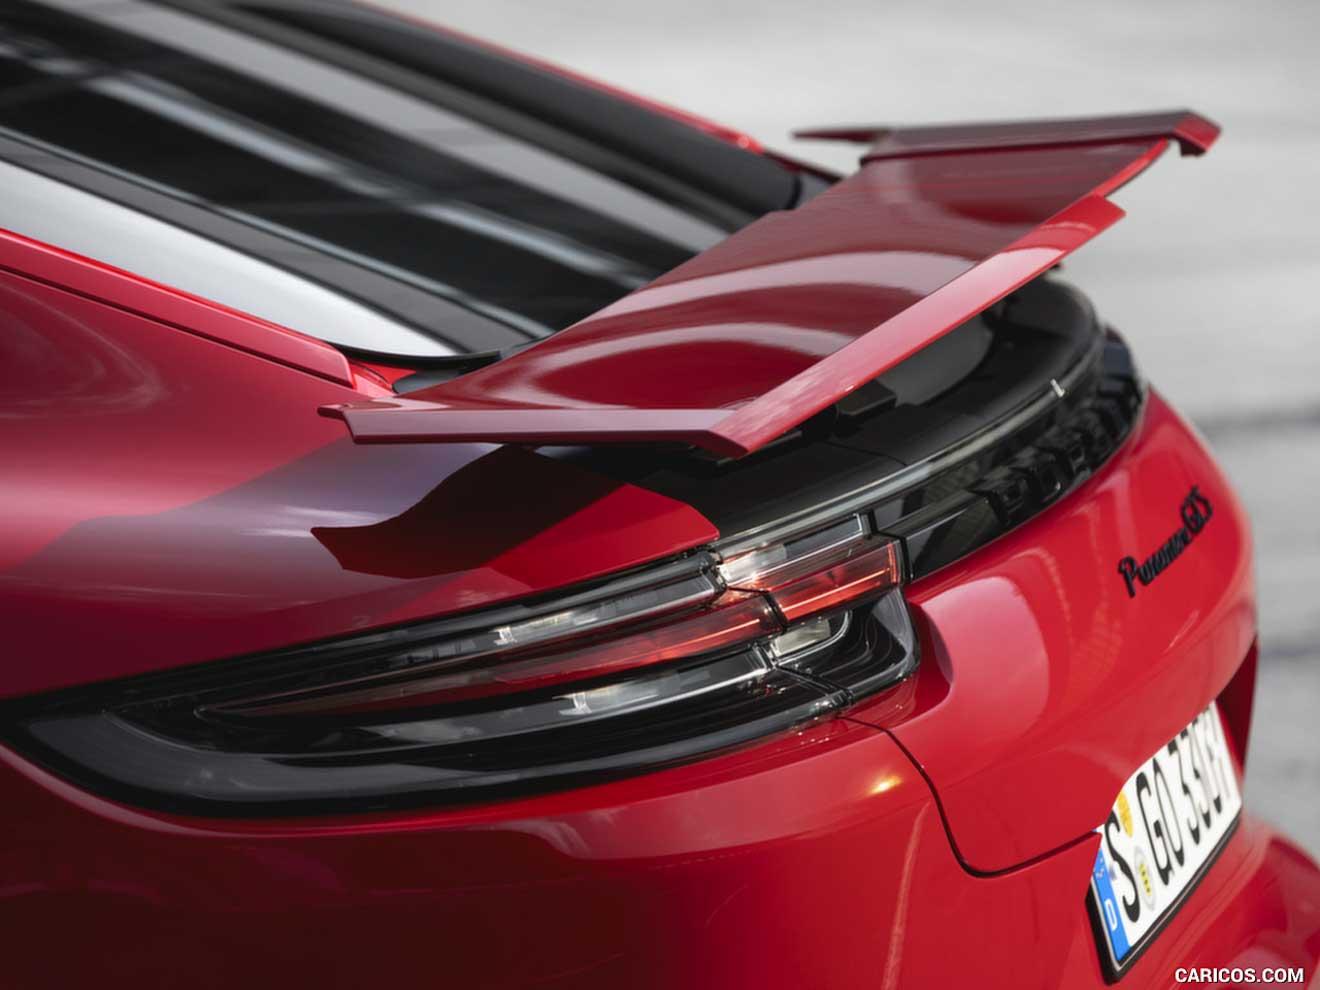 Porsche Việt Nam chính thức mở bán bộ đôi Panamera GTS 2019: Giá từ 10,01 tỷ đồng - 12